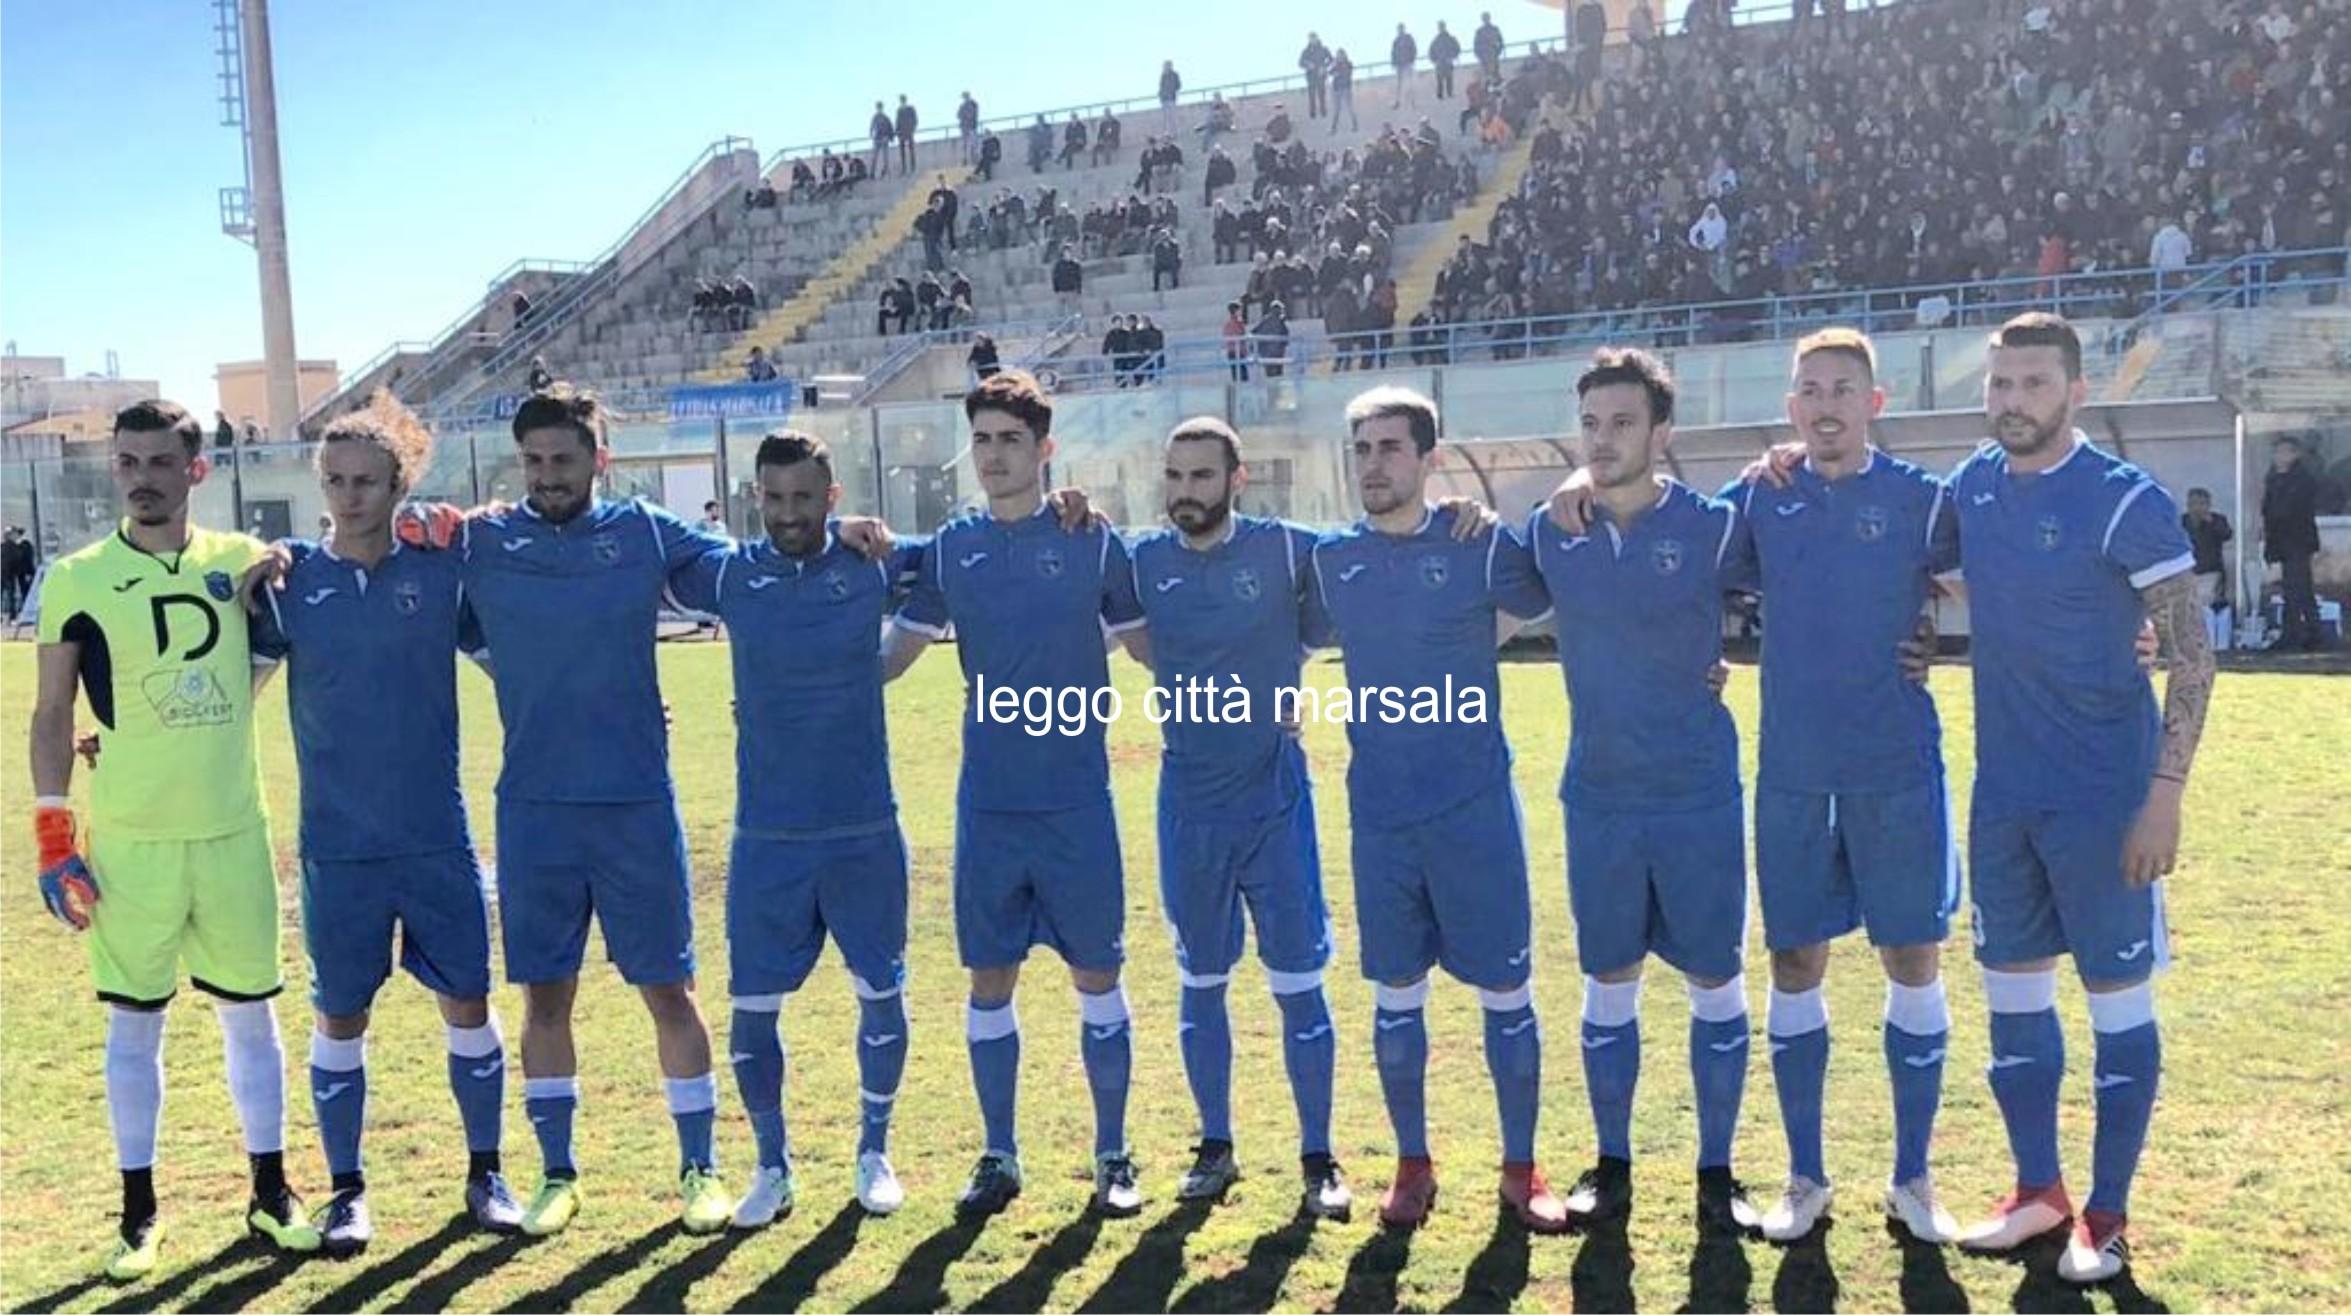 MARSALA – CITTÀ DI ACIREALE 1946 1-0